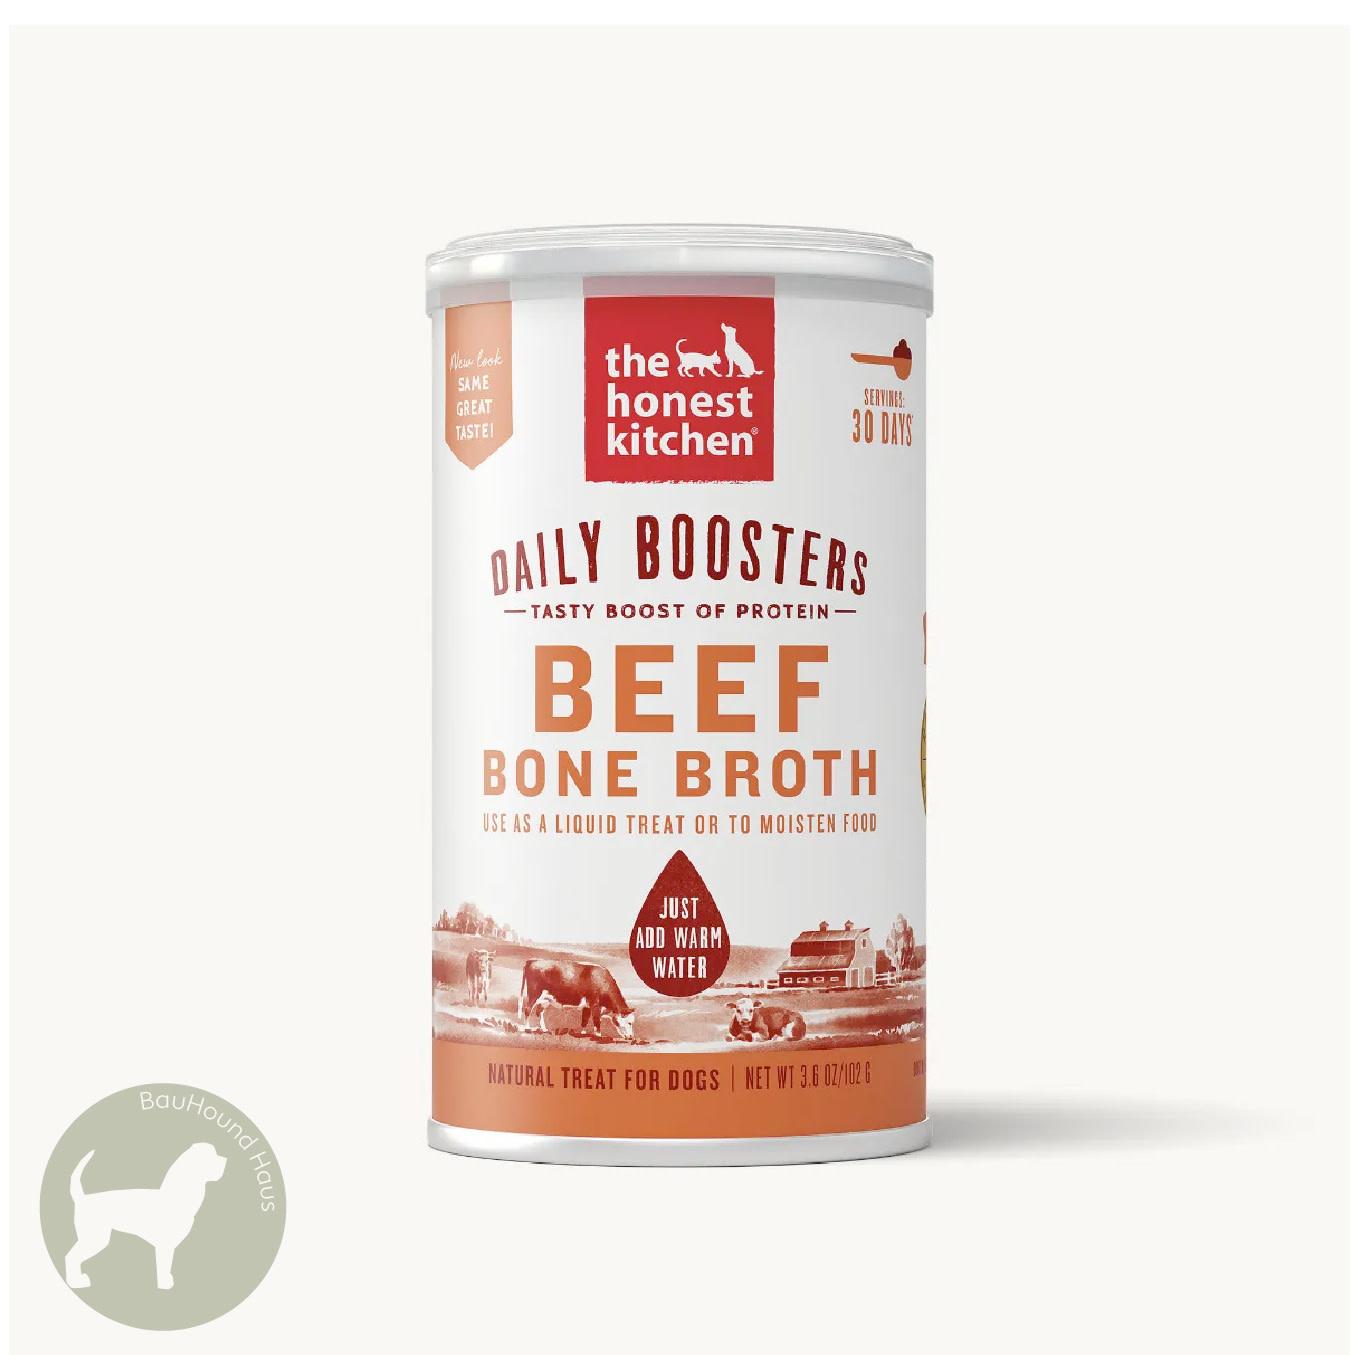 Honest Kitchen Honest Kitchen Daily Booster Beef Bone Broth, 3.6oz